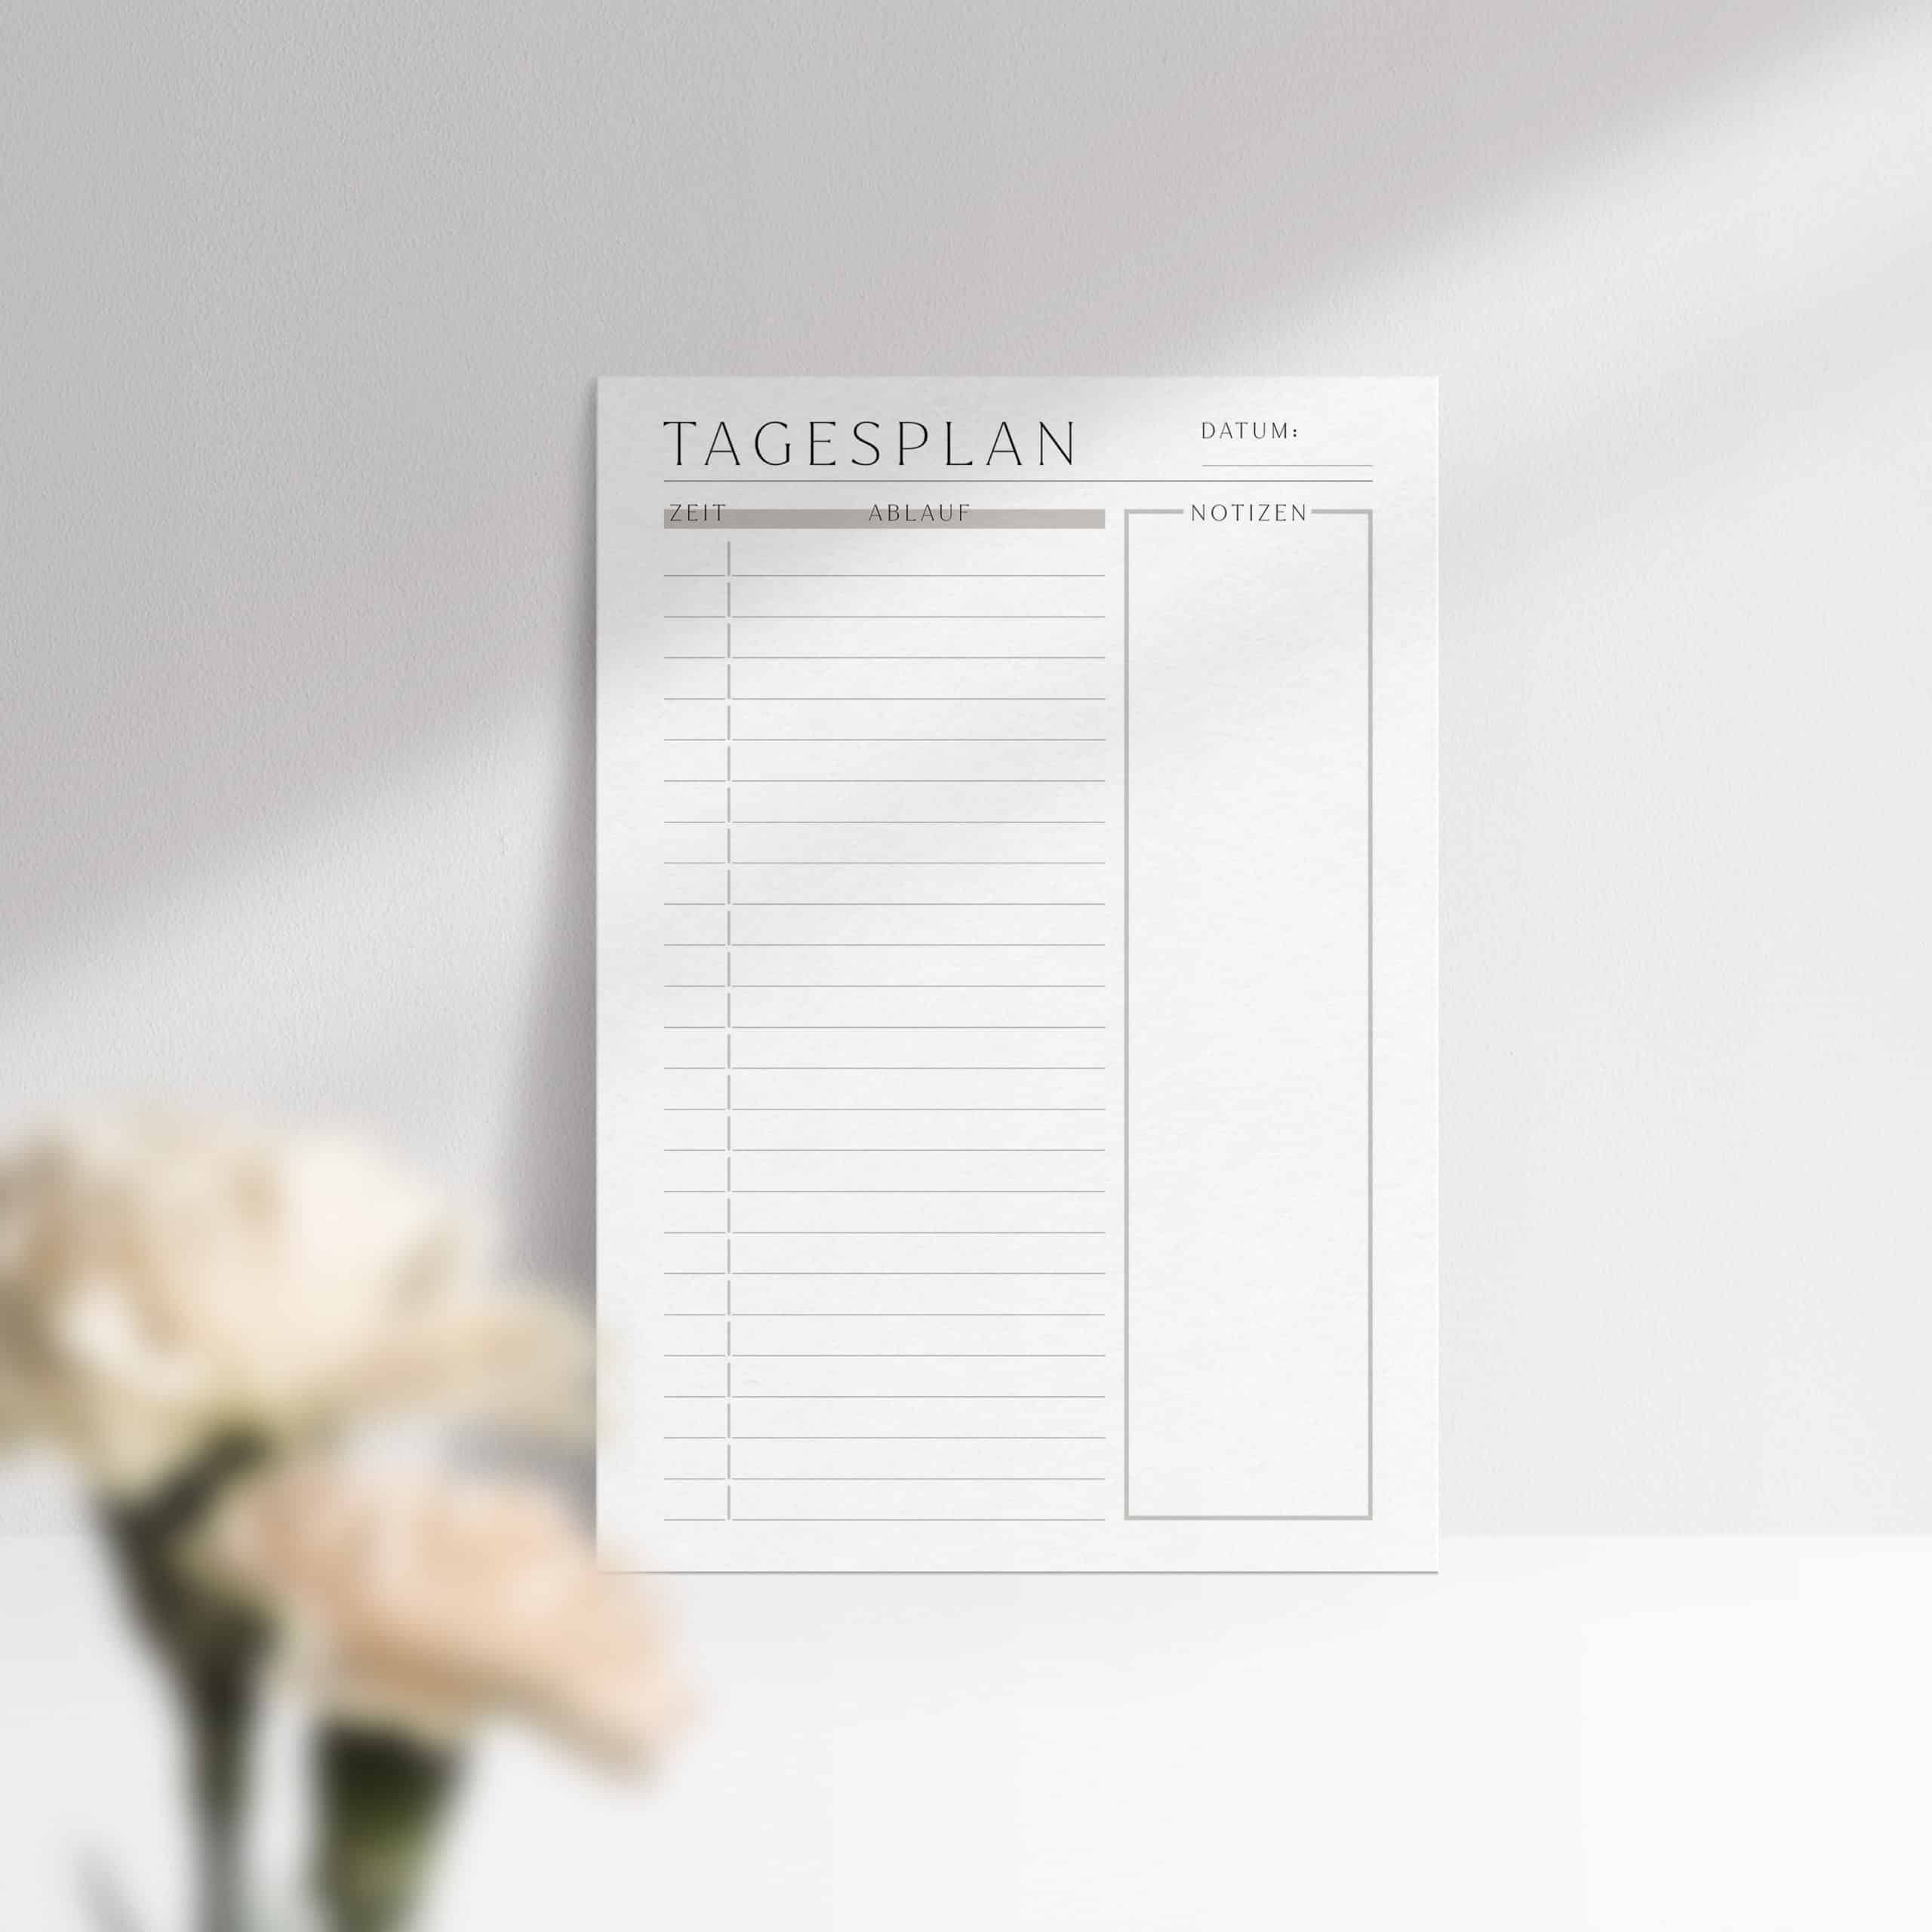 tagesplan_zum_ausdrucken_zeitplan (3)